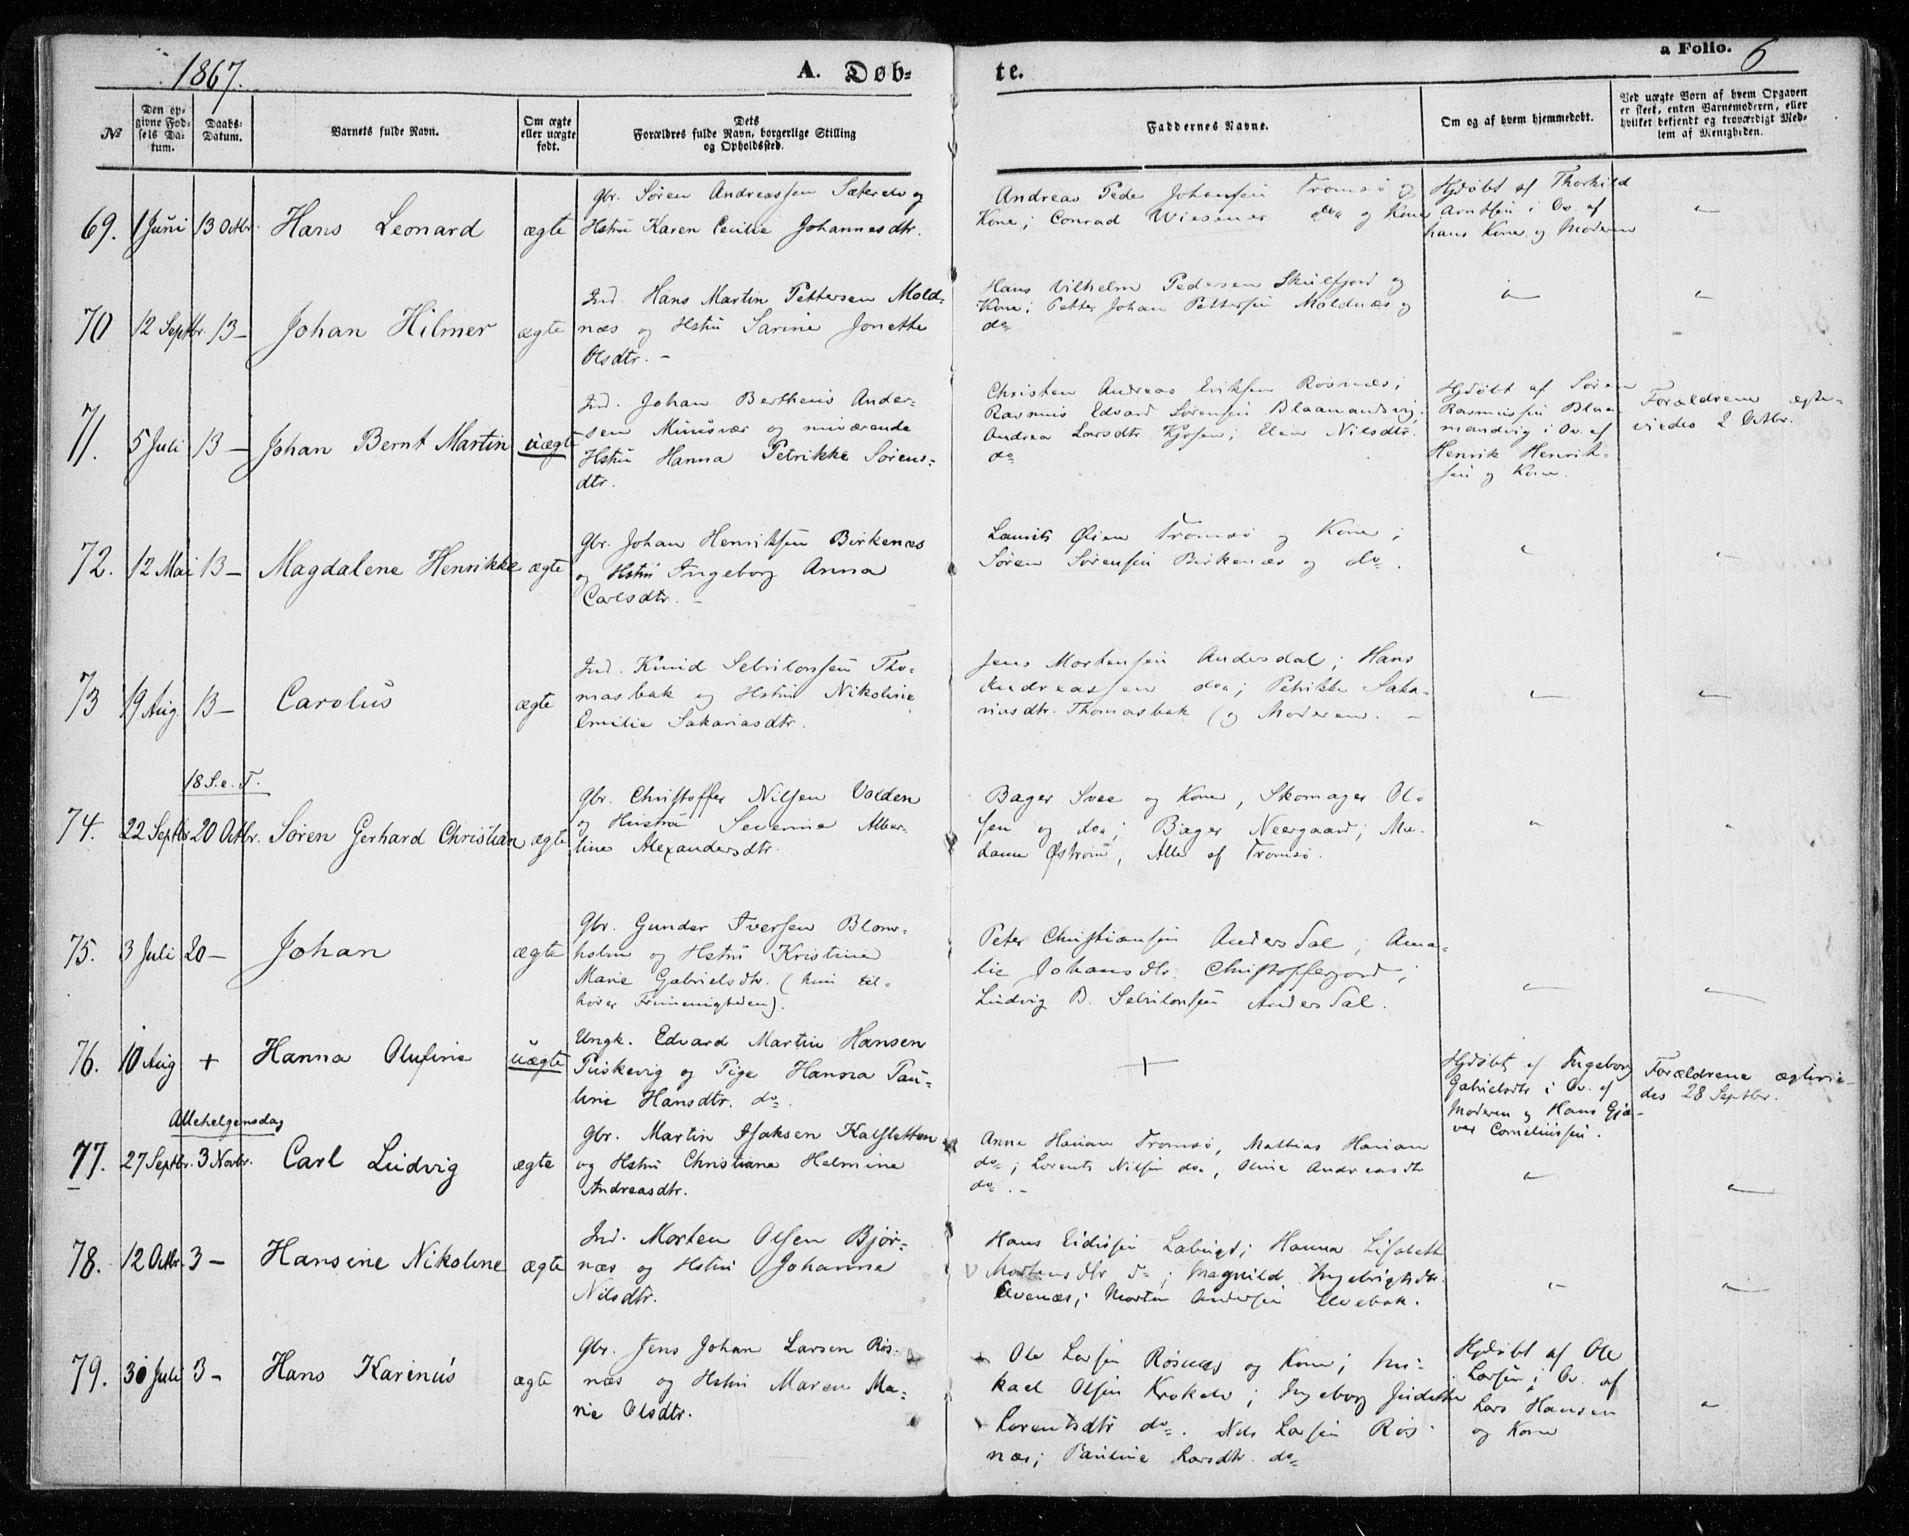 SATØ, Tromsøysund sokneprestkontor, G/Ga/L0002kirke: Ministerialbok nr. 2, 1867-1875, s. 6